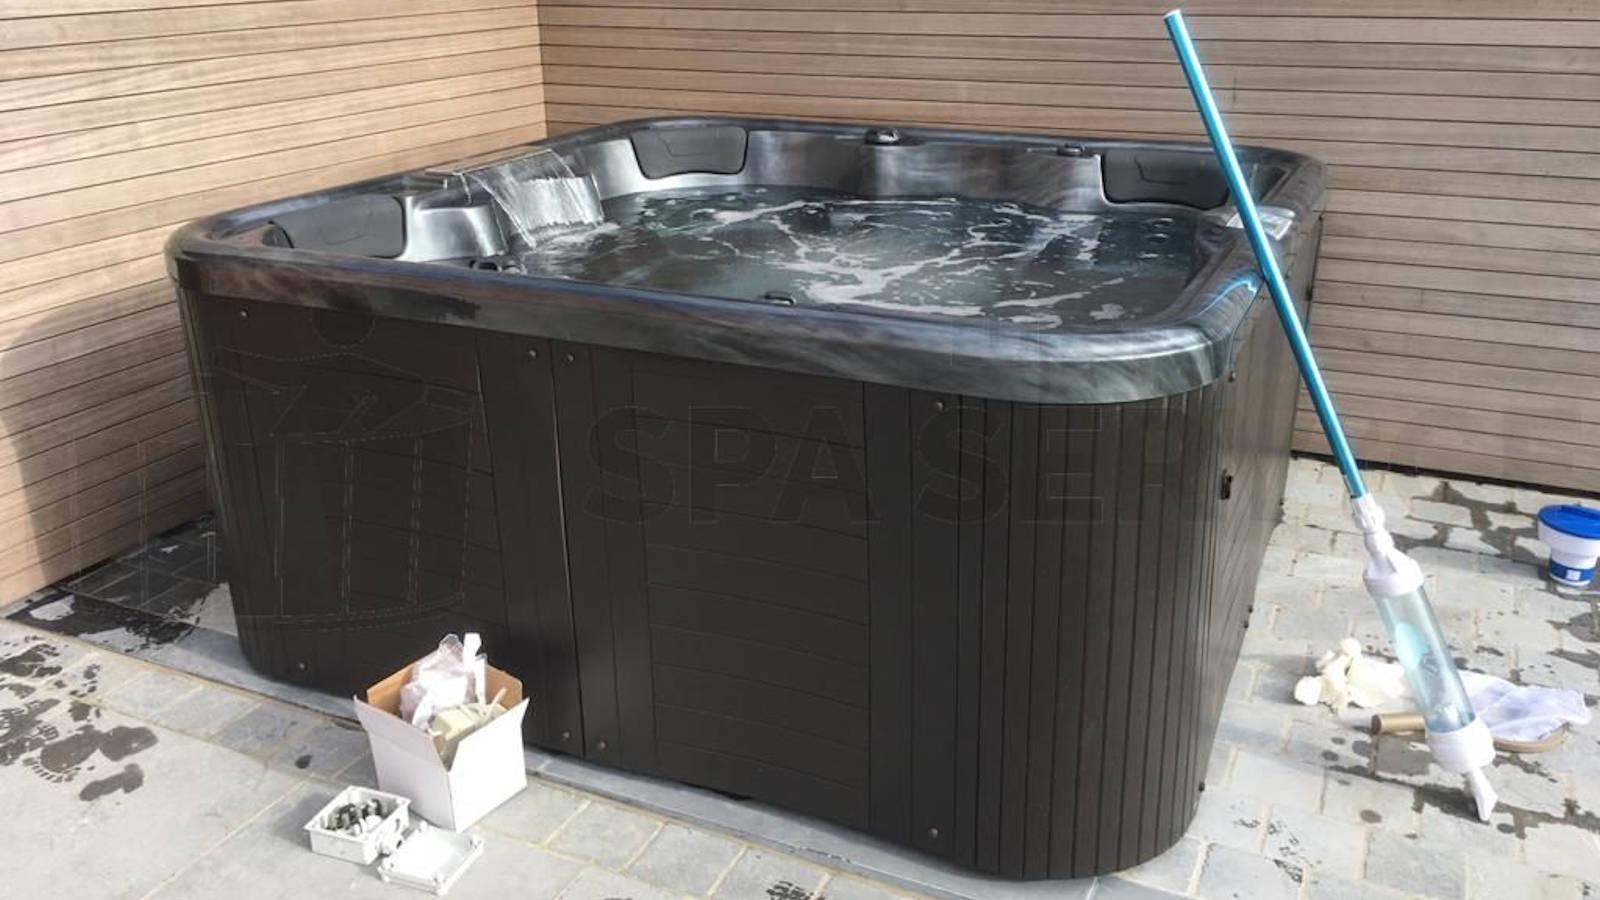 Ombouw van een Chinese spa naar Balboa technologie in Aalter België